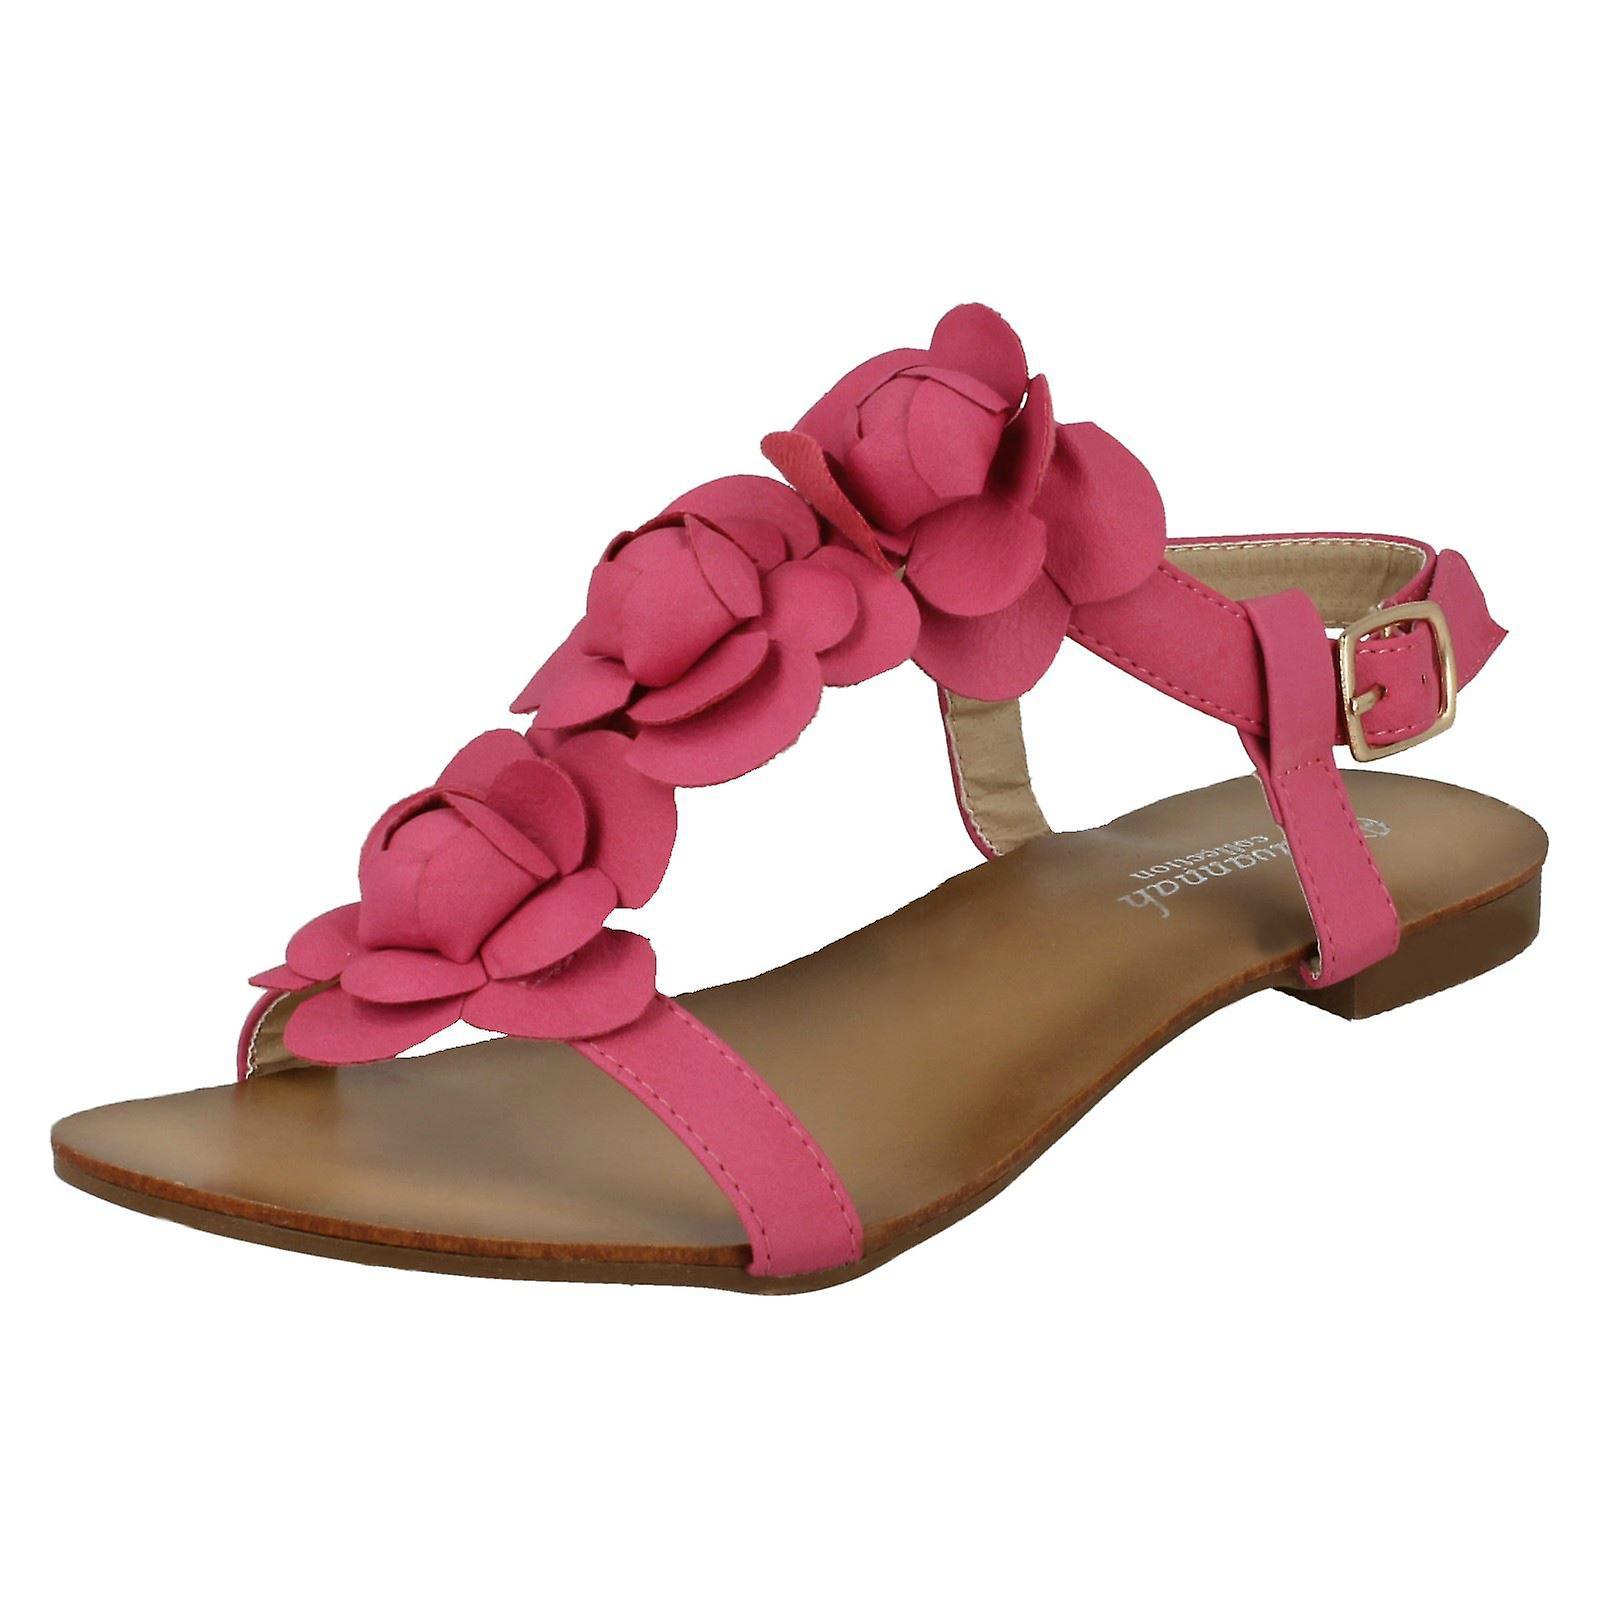 Sandały damskie Savannah z motywem kwiatowym dhOH8